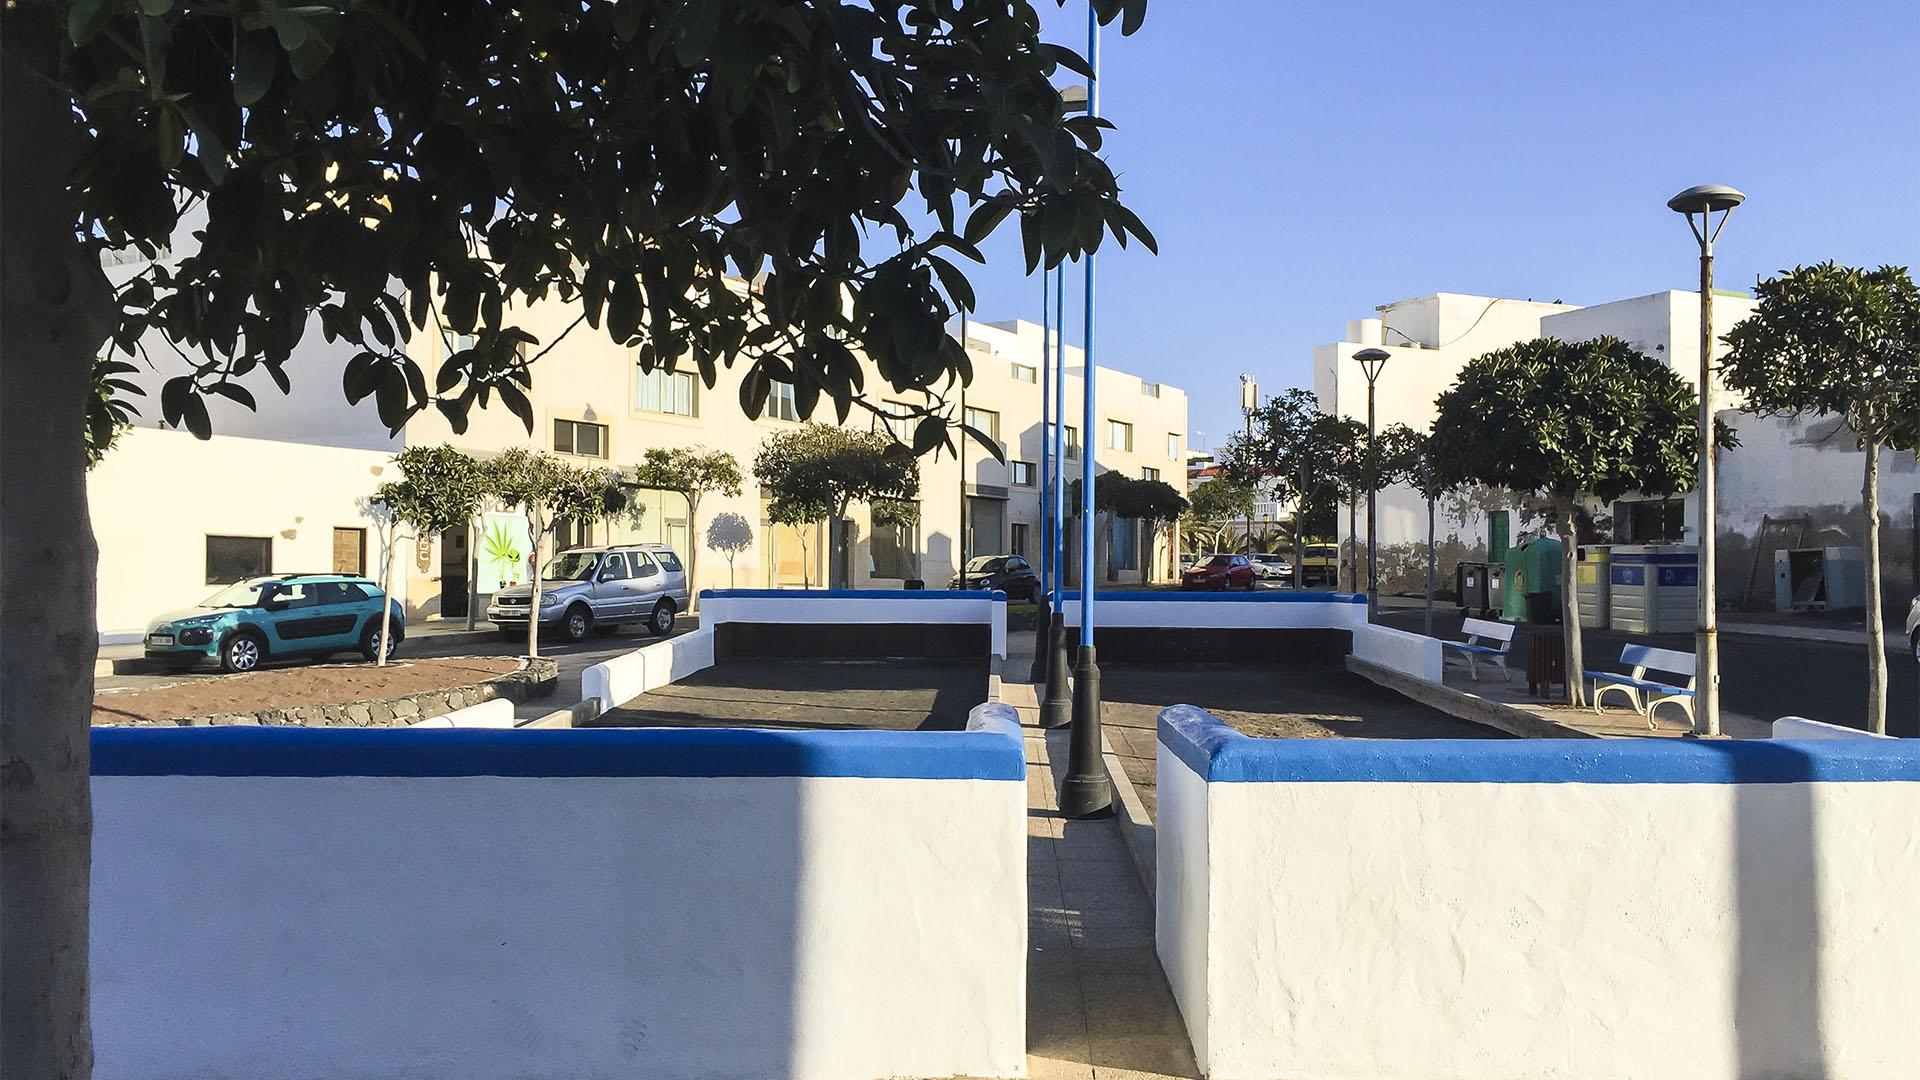 Bola canaria in El Cotillo Fuerteventura.